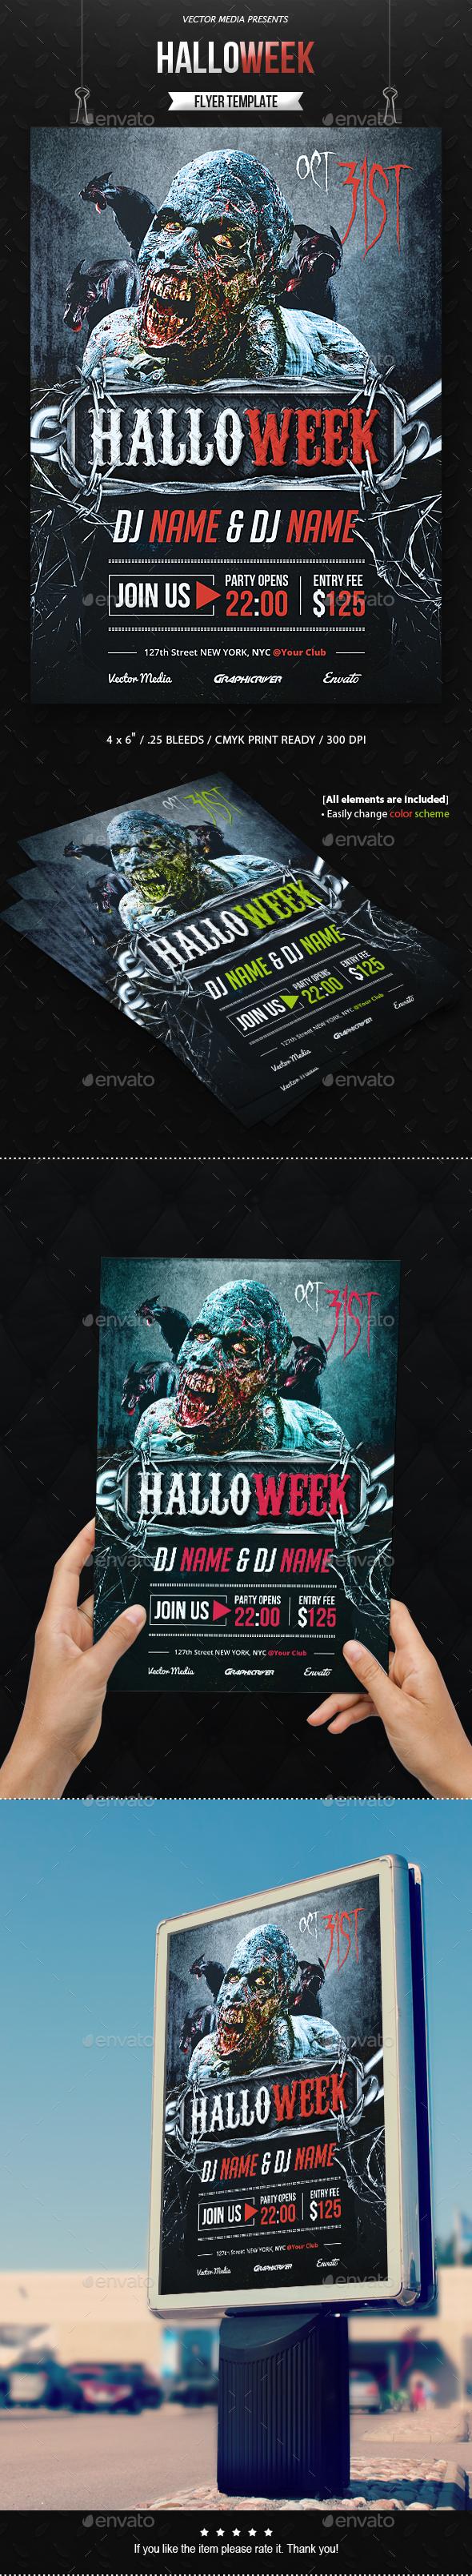 HalloWeek - Flyer - Holidays Events